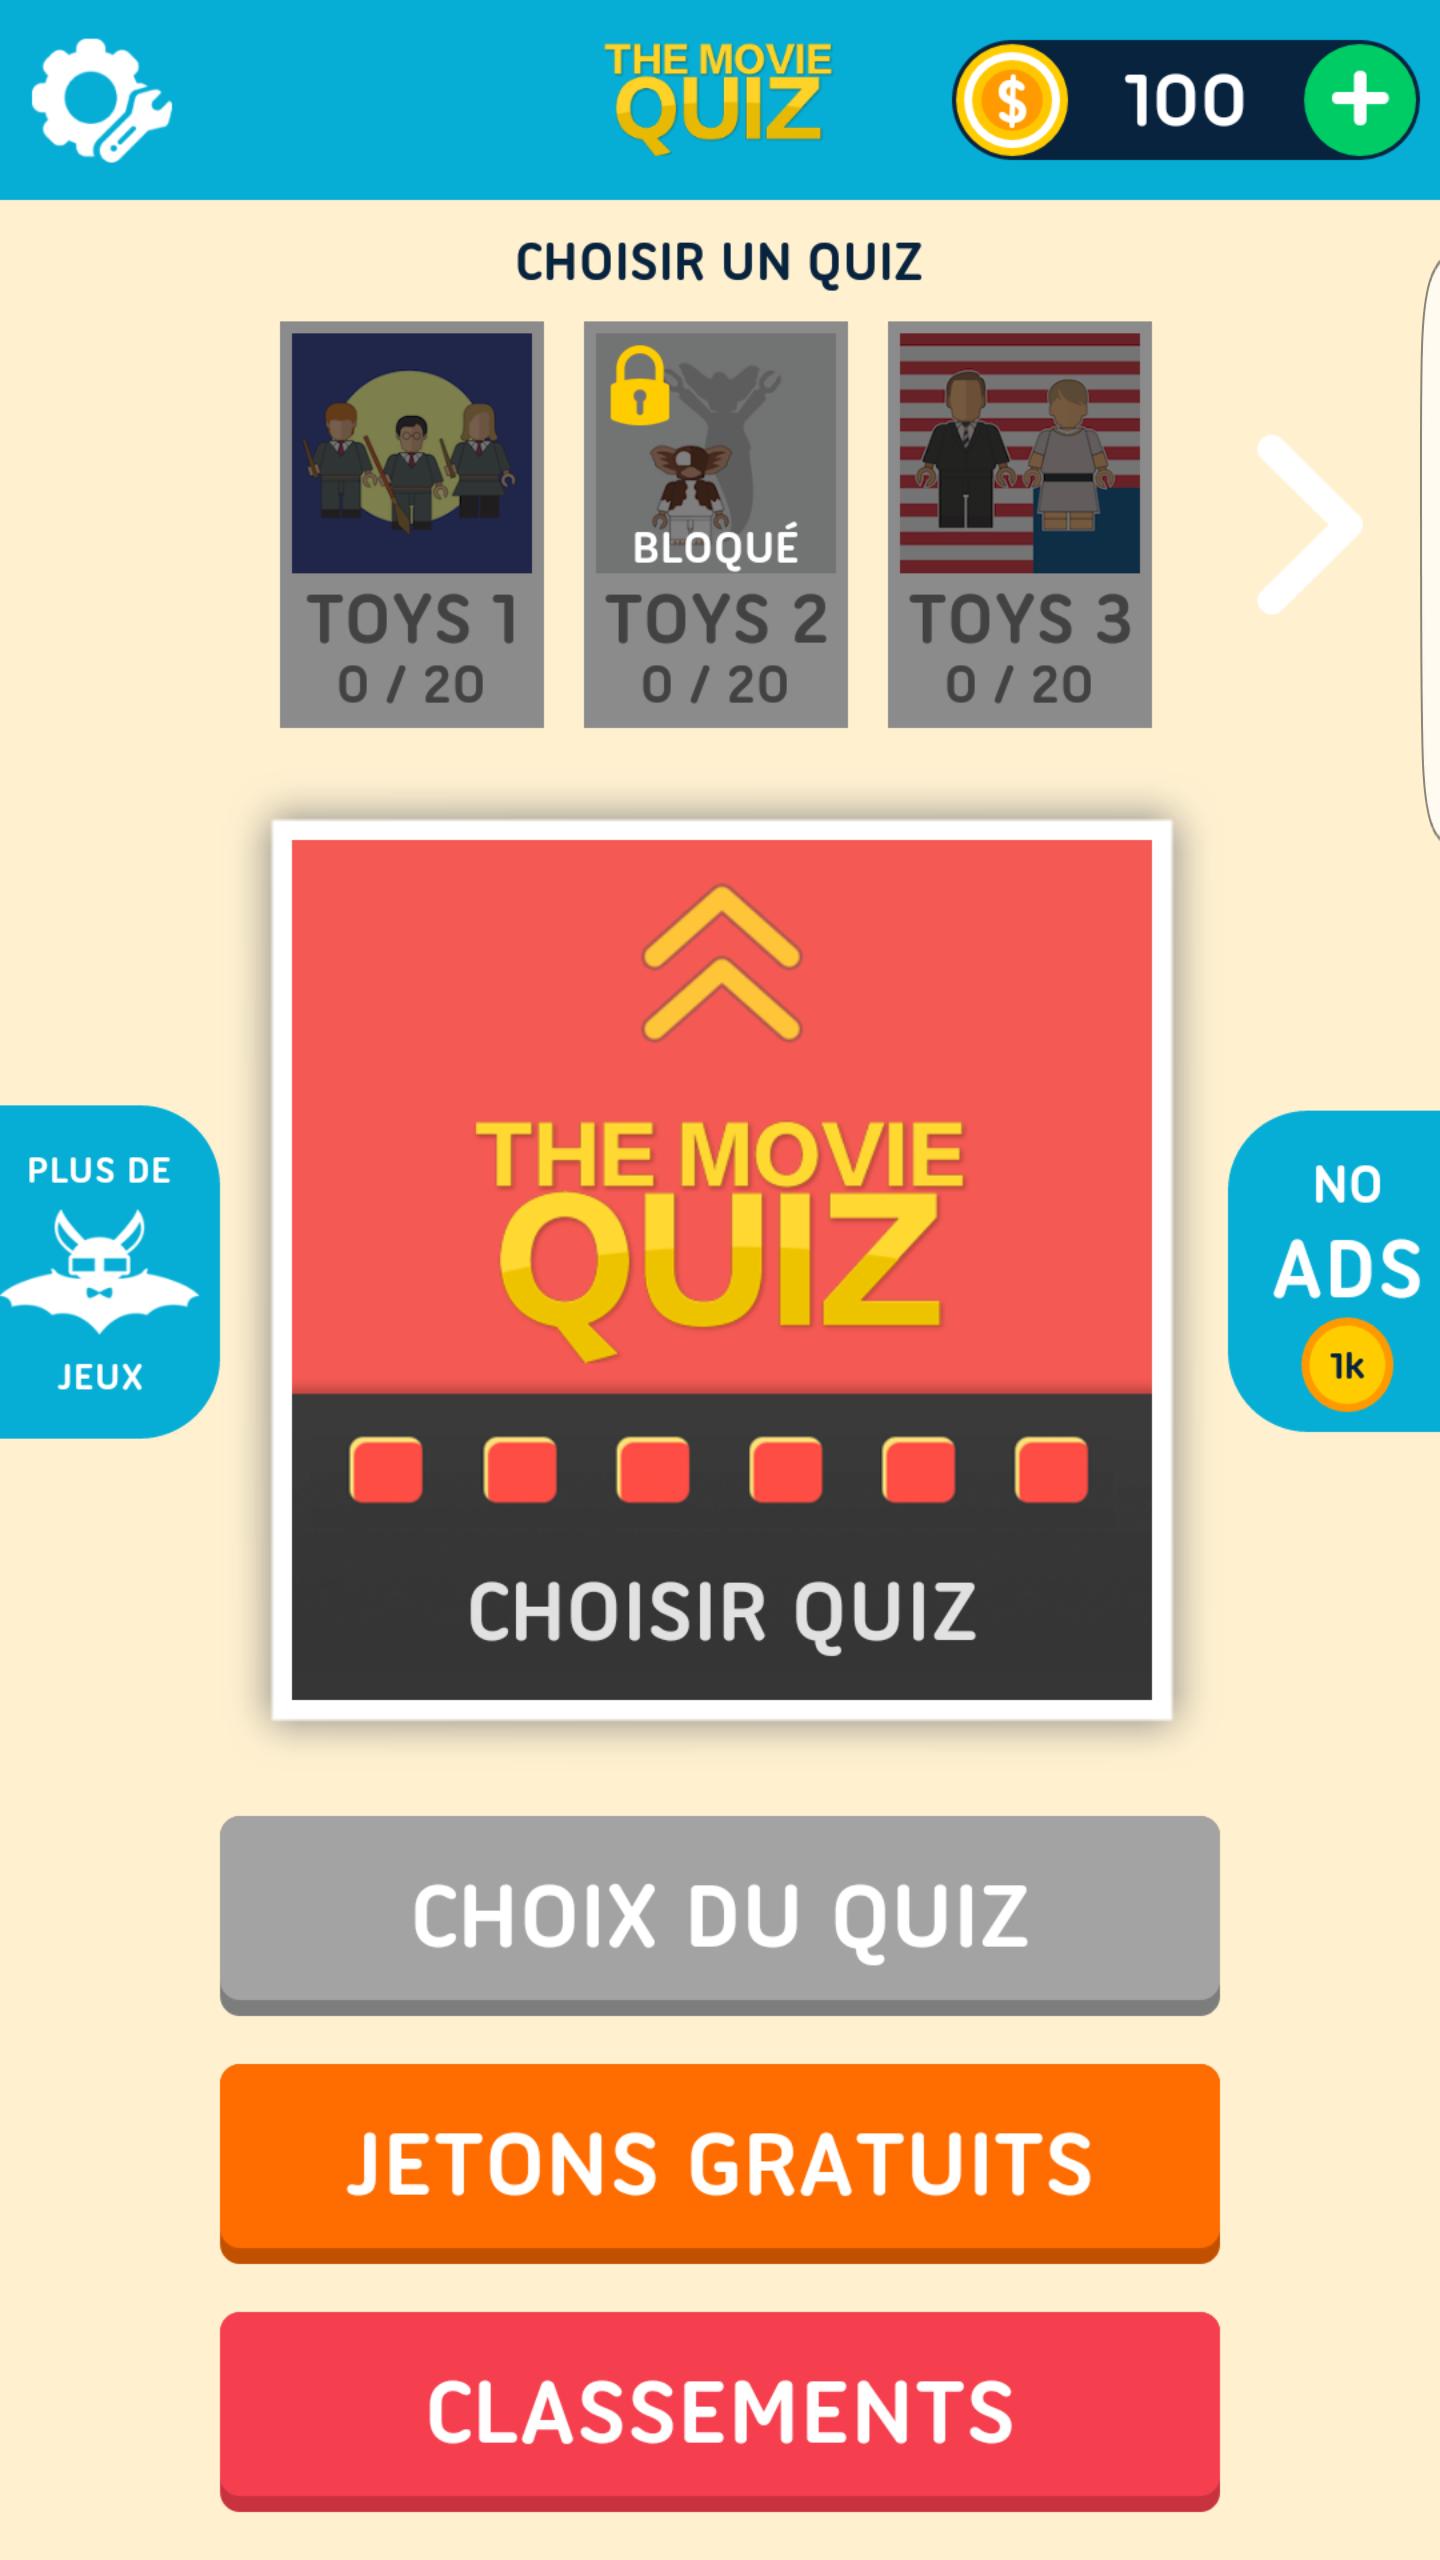 Movie Quiz Films et séries TV-1